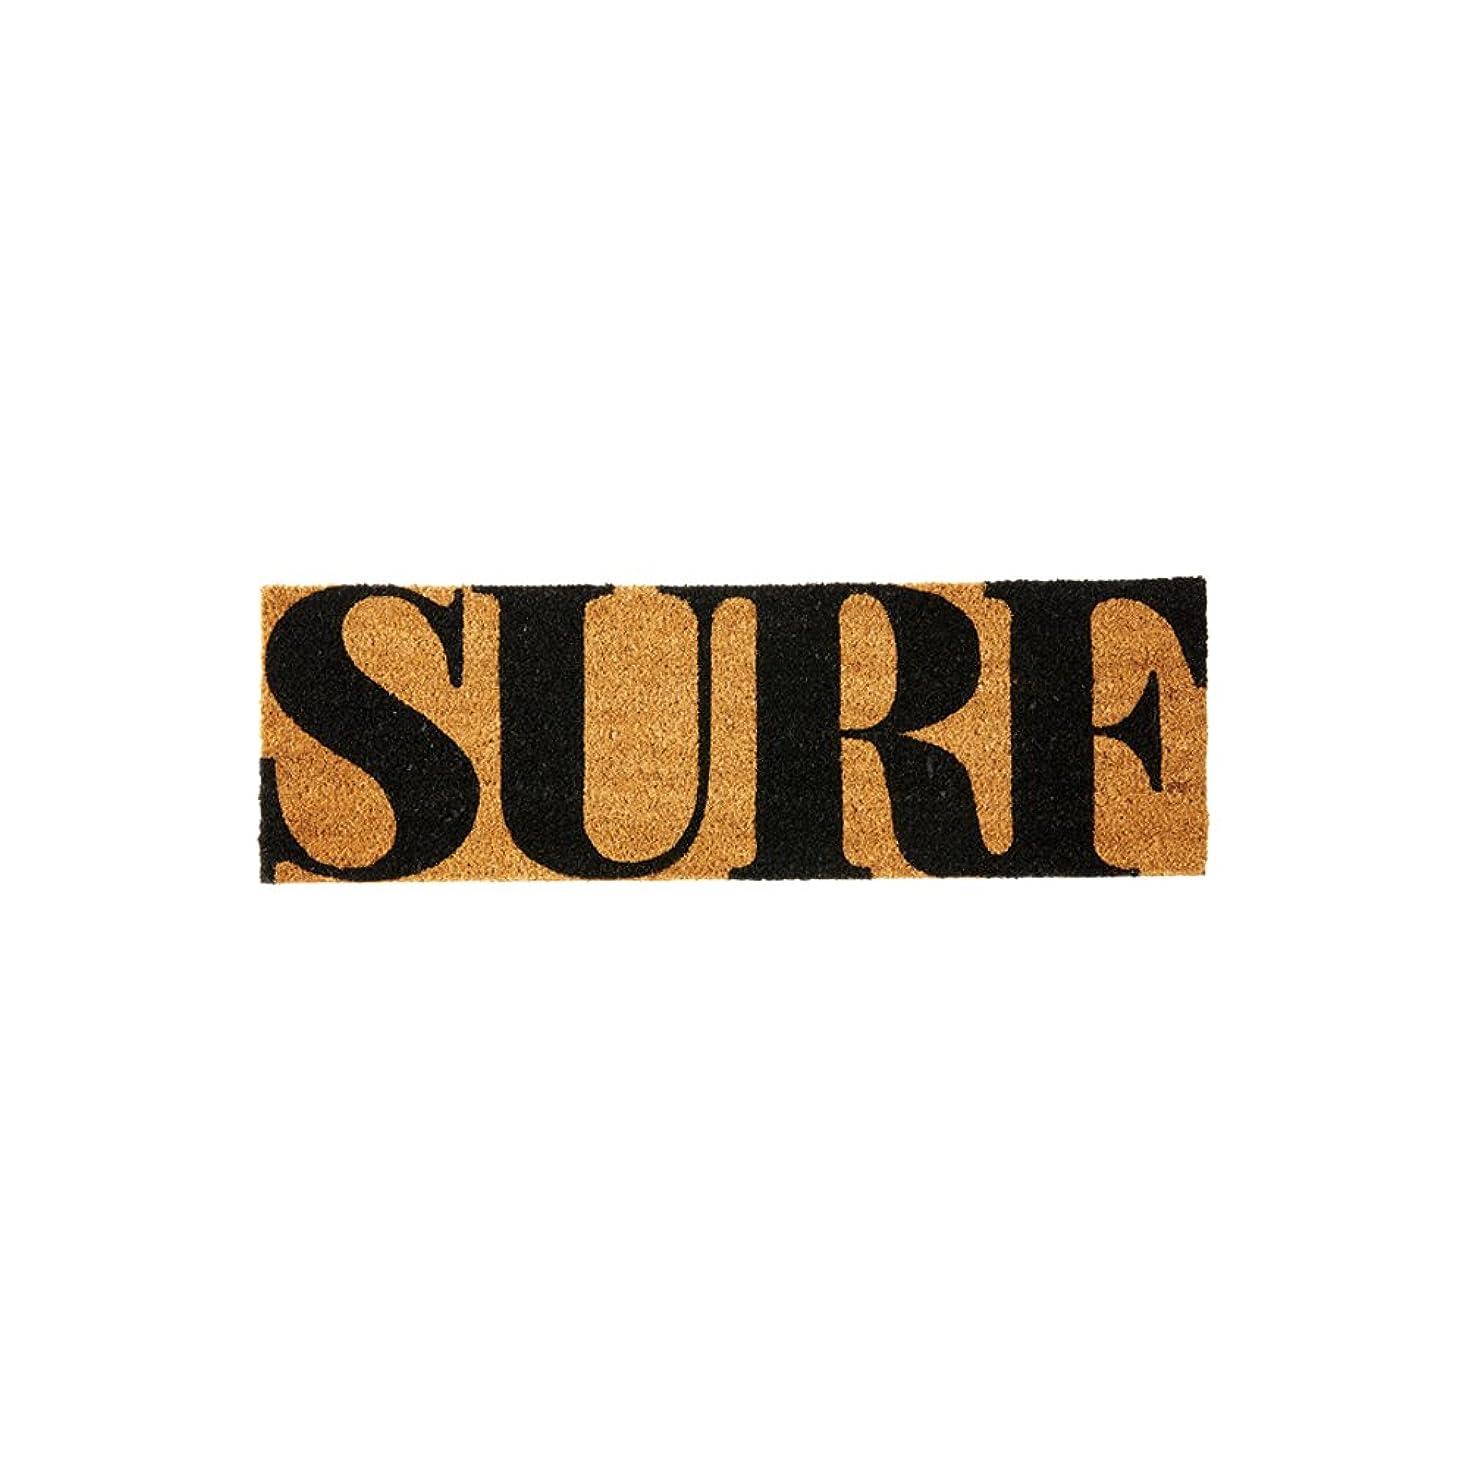 流ロボット胃インターフォルム 玄関マット ブルー 幅76×奥行24cm(厚み:1.5cm) Sunfine Beach サンファインビーチ TJ-3191BN